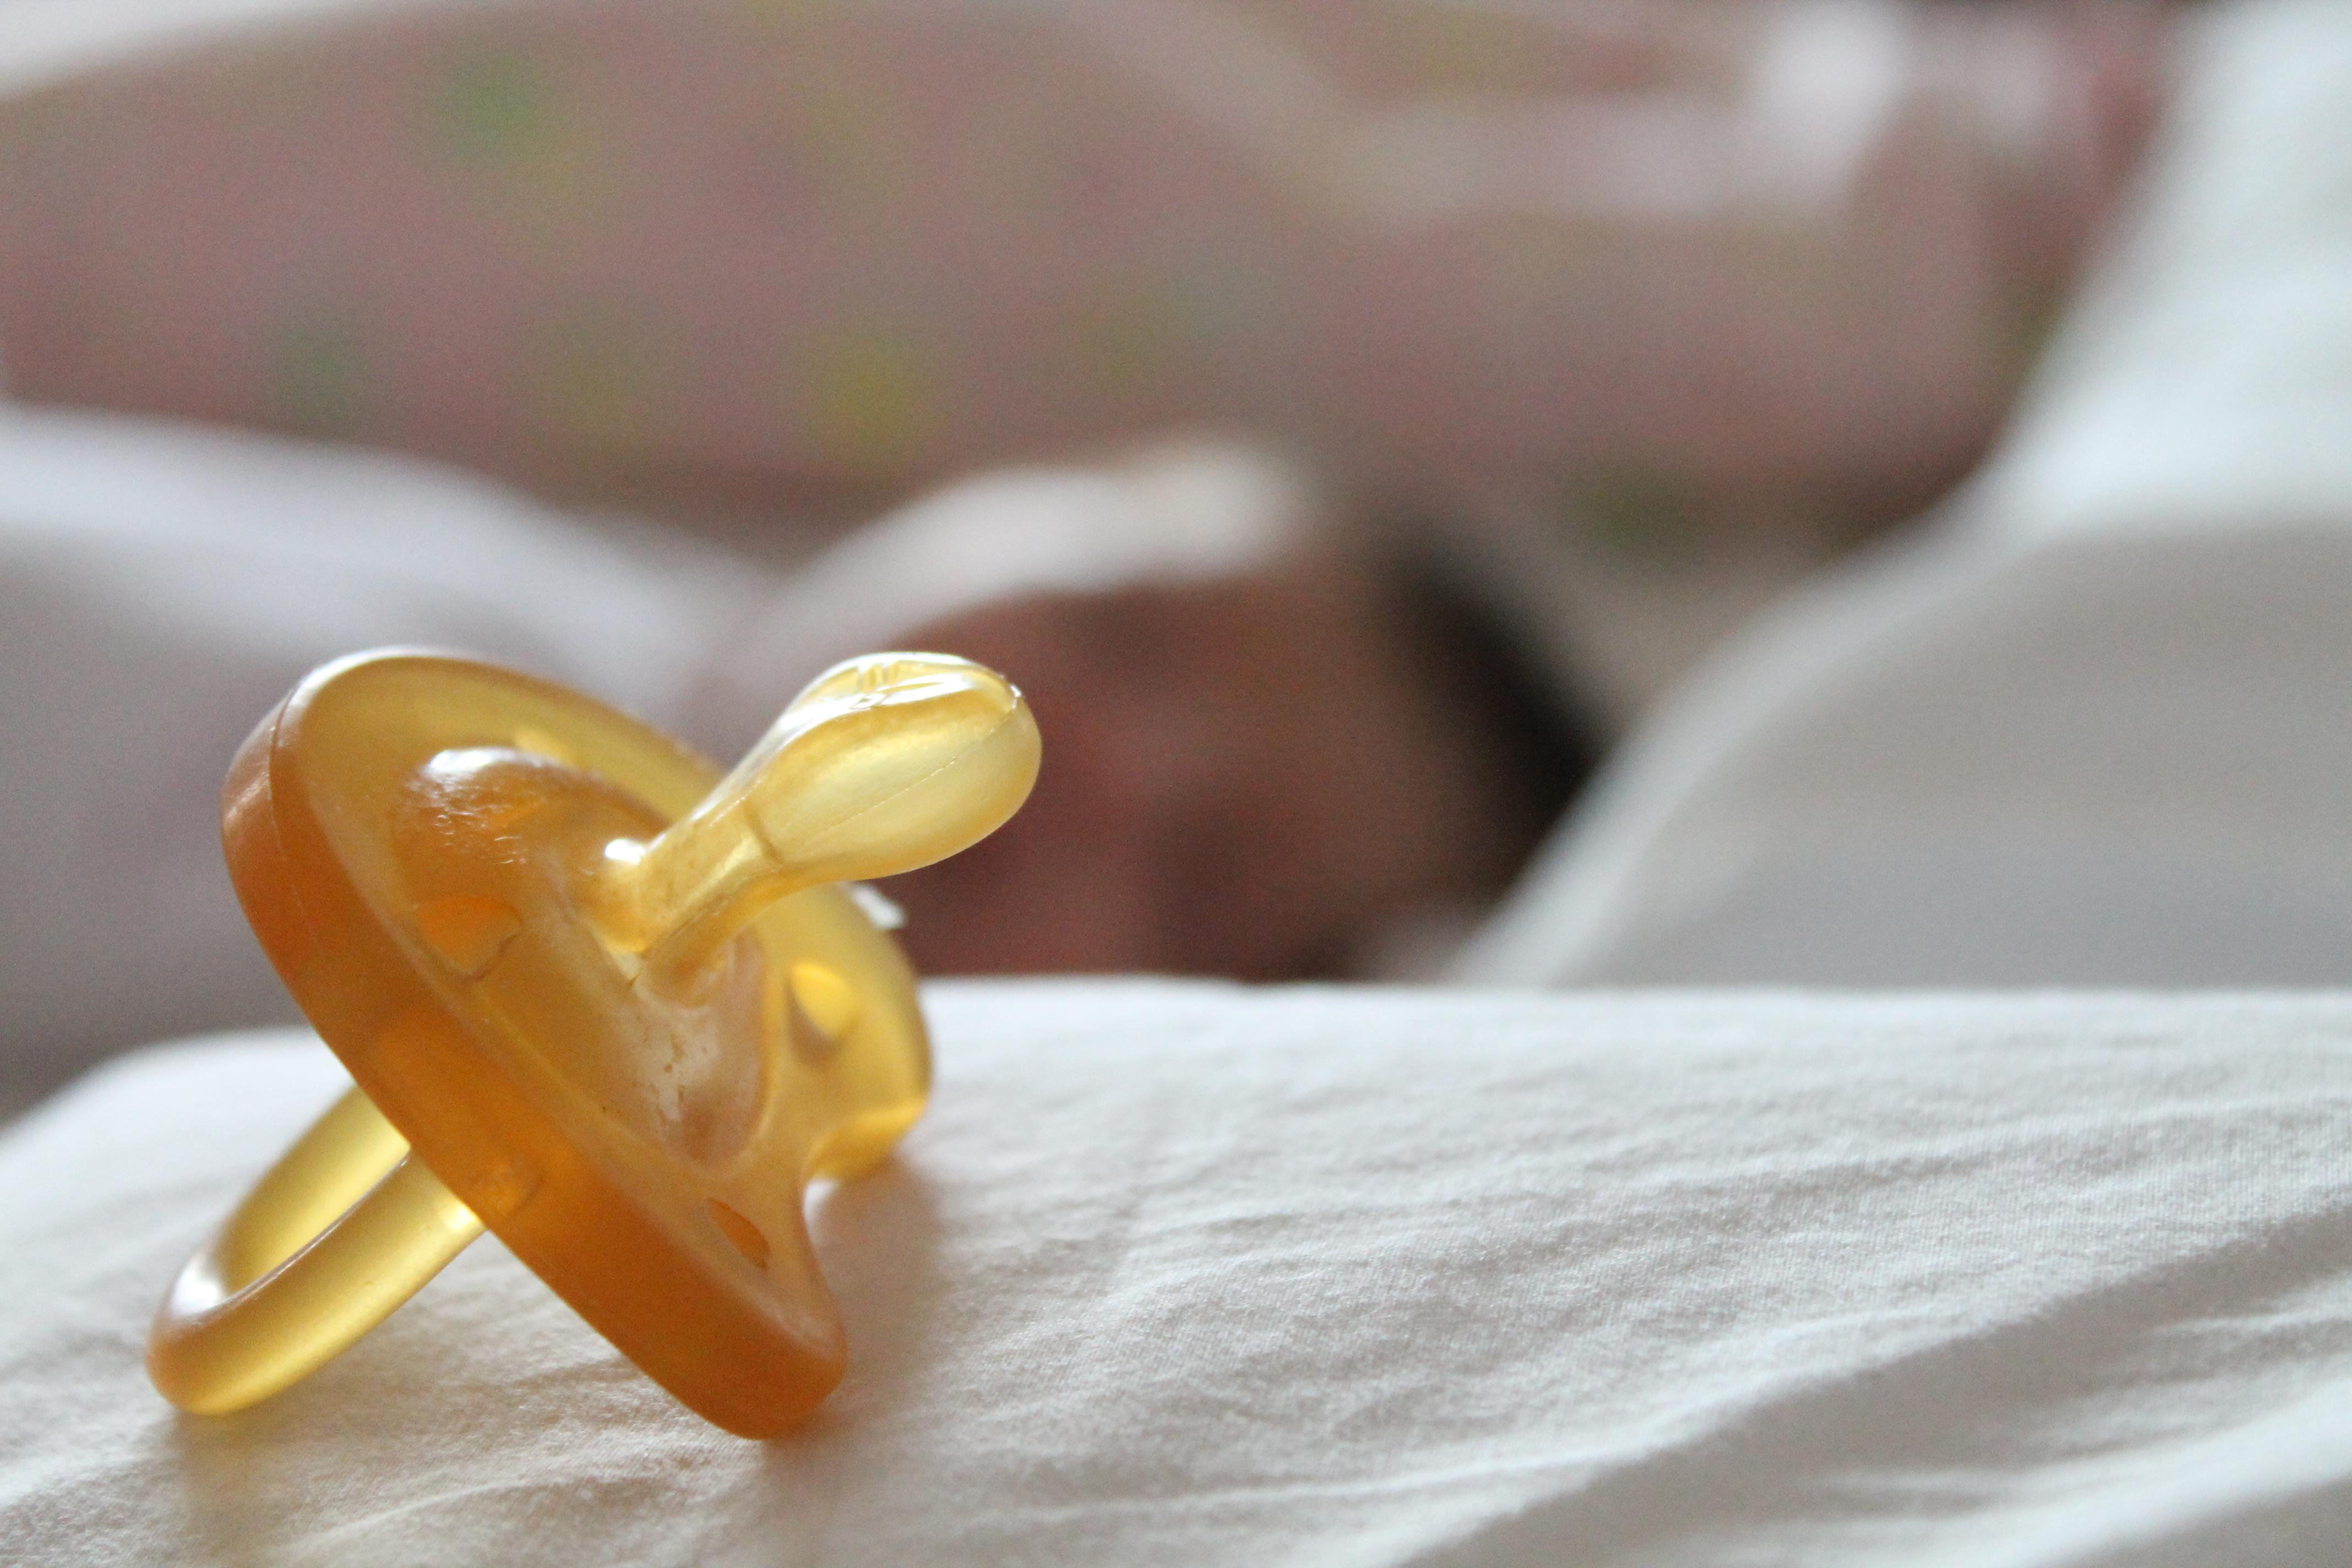 le prime notti con il neonato